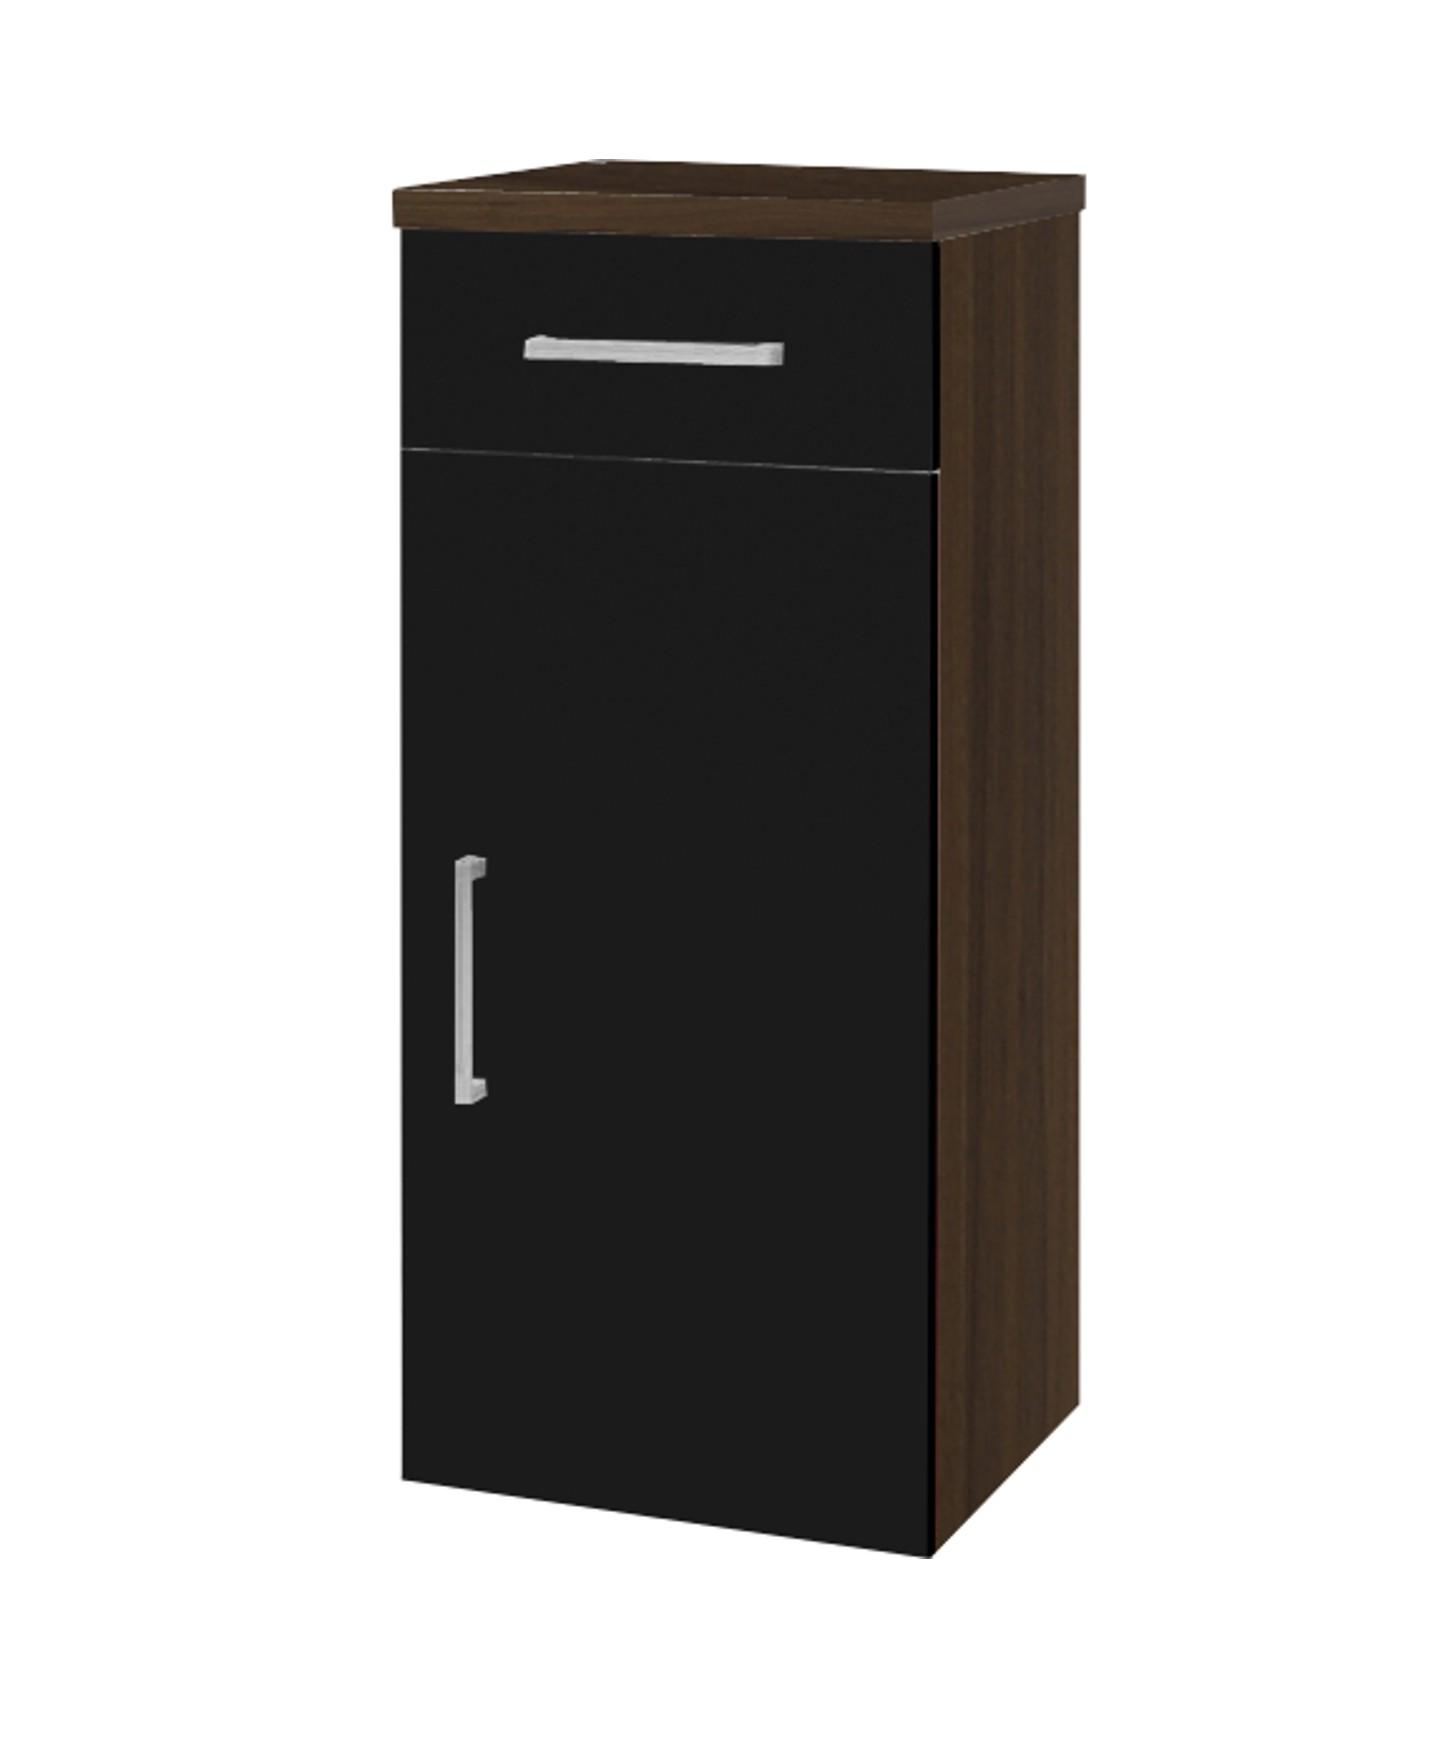 bad unterschrank adelano 1 t rig 1 schublade 30 cm breit schwarz bad unterschr nke. Black Bedroom Furniture Sets. Home Design Ideas